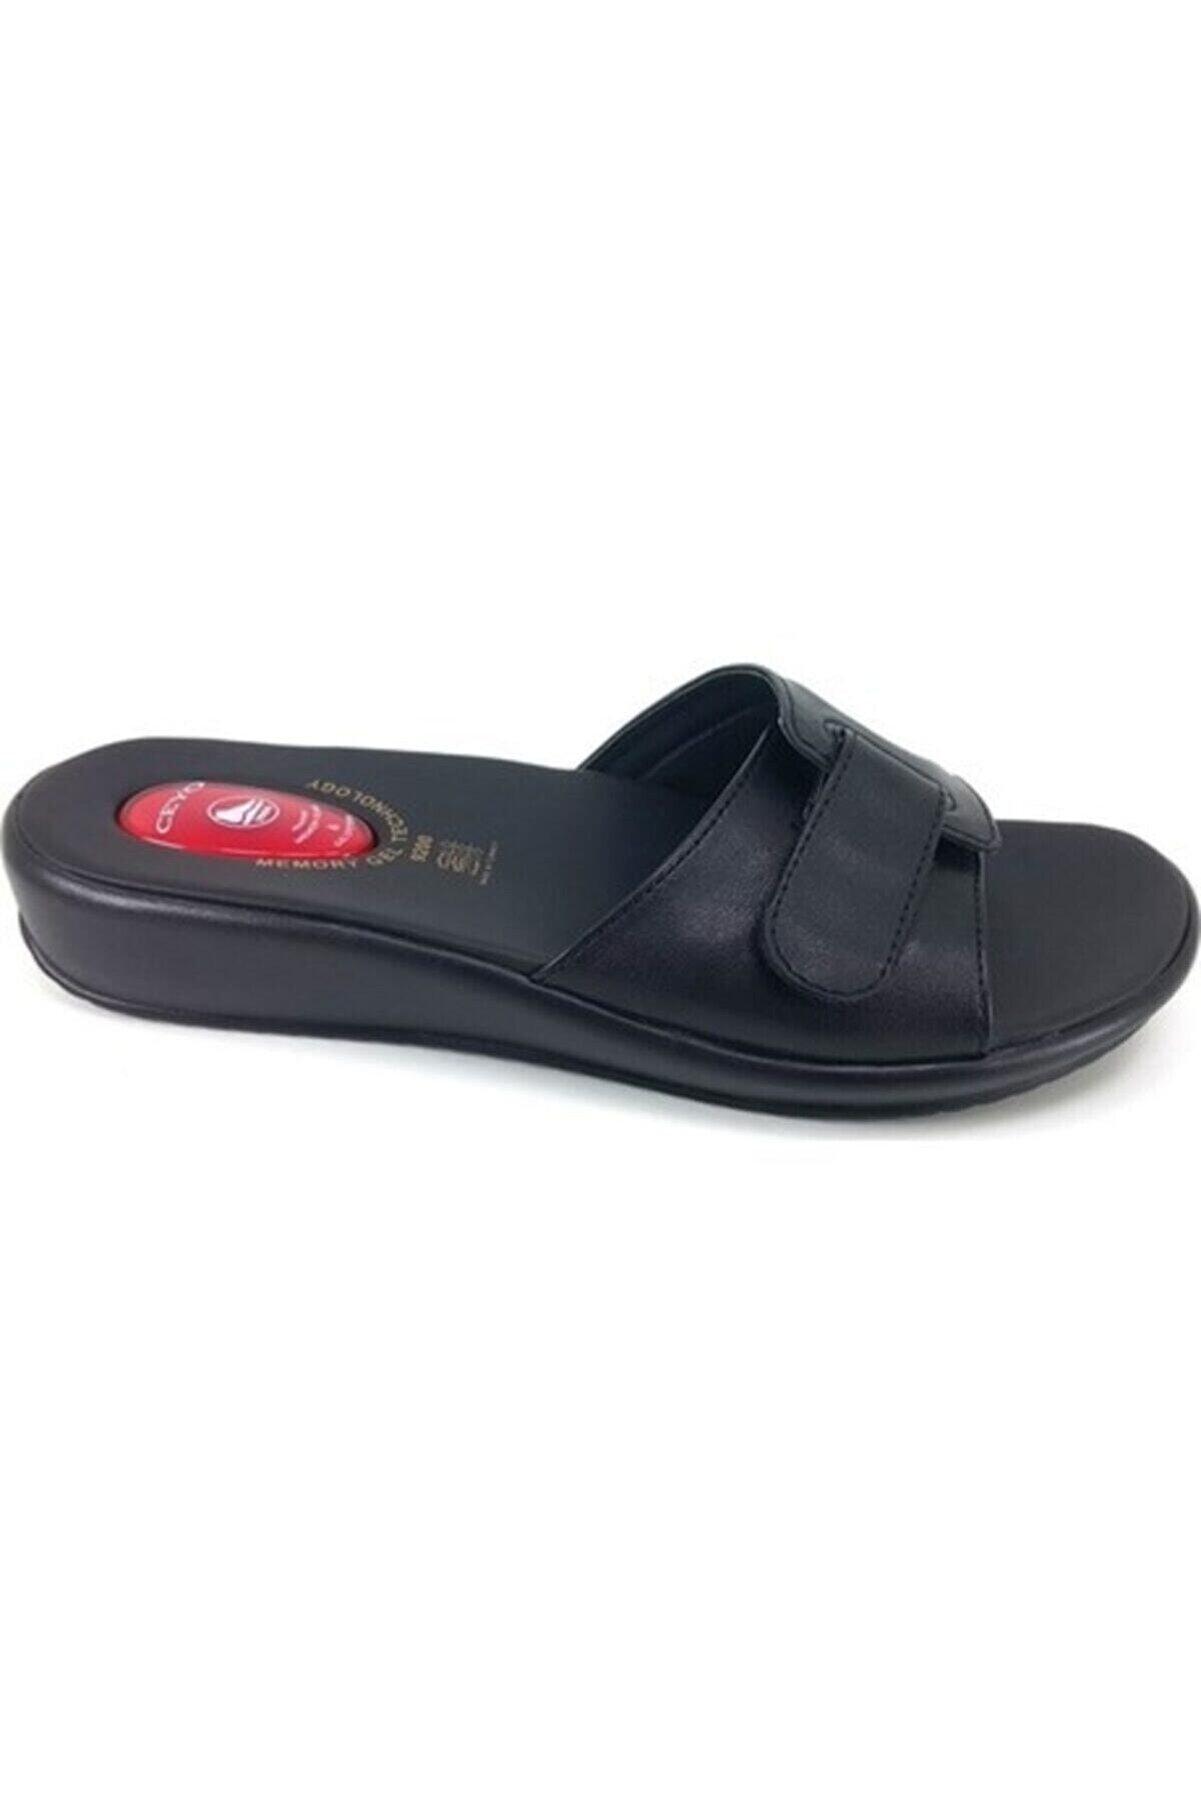 Ceyo 9200 Siyah Kemik Çıkıntısı Ve Topuk Dikeni Terliği